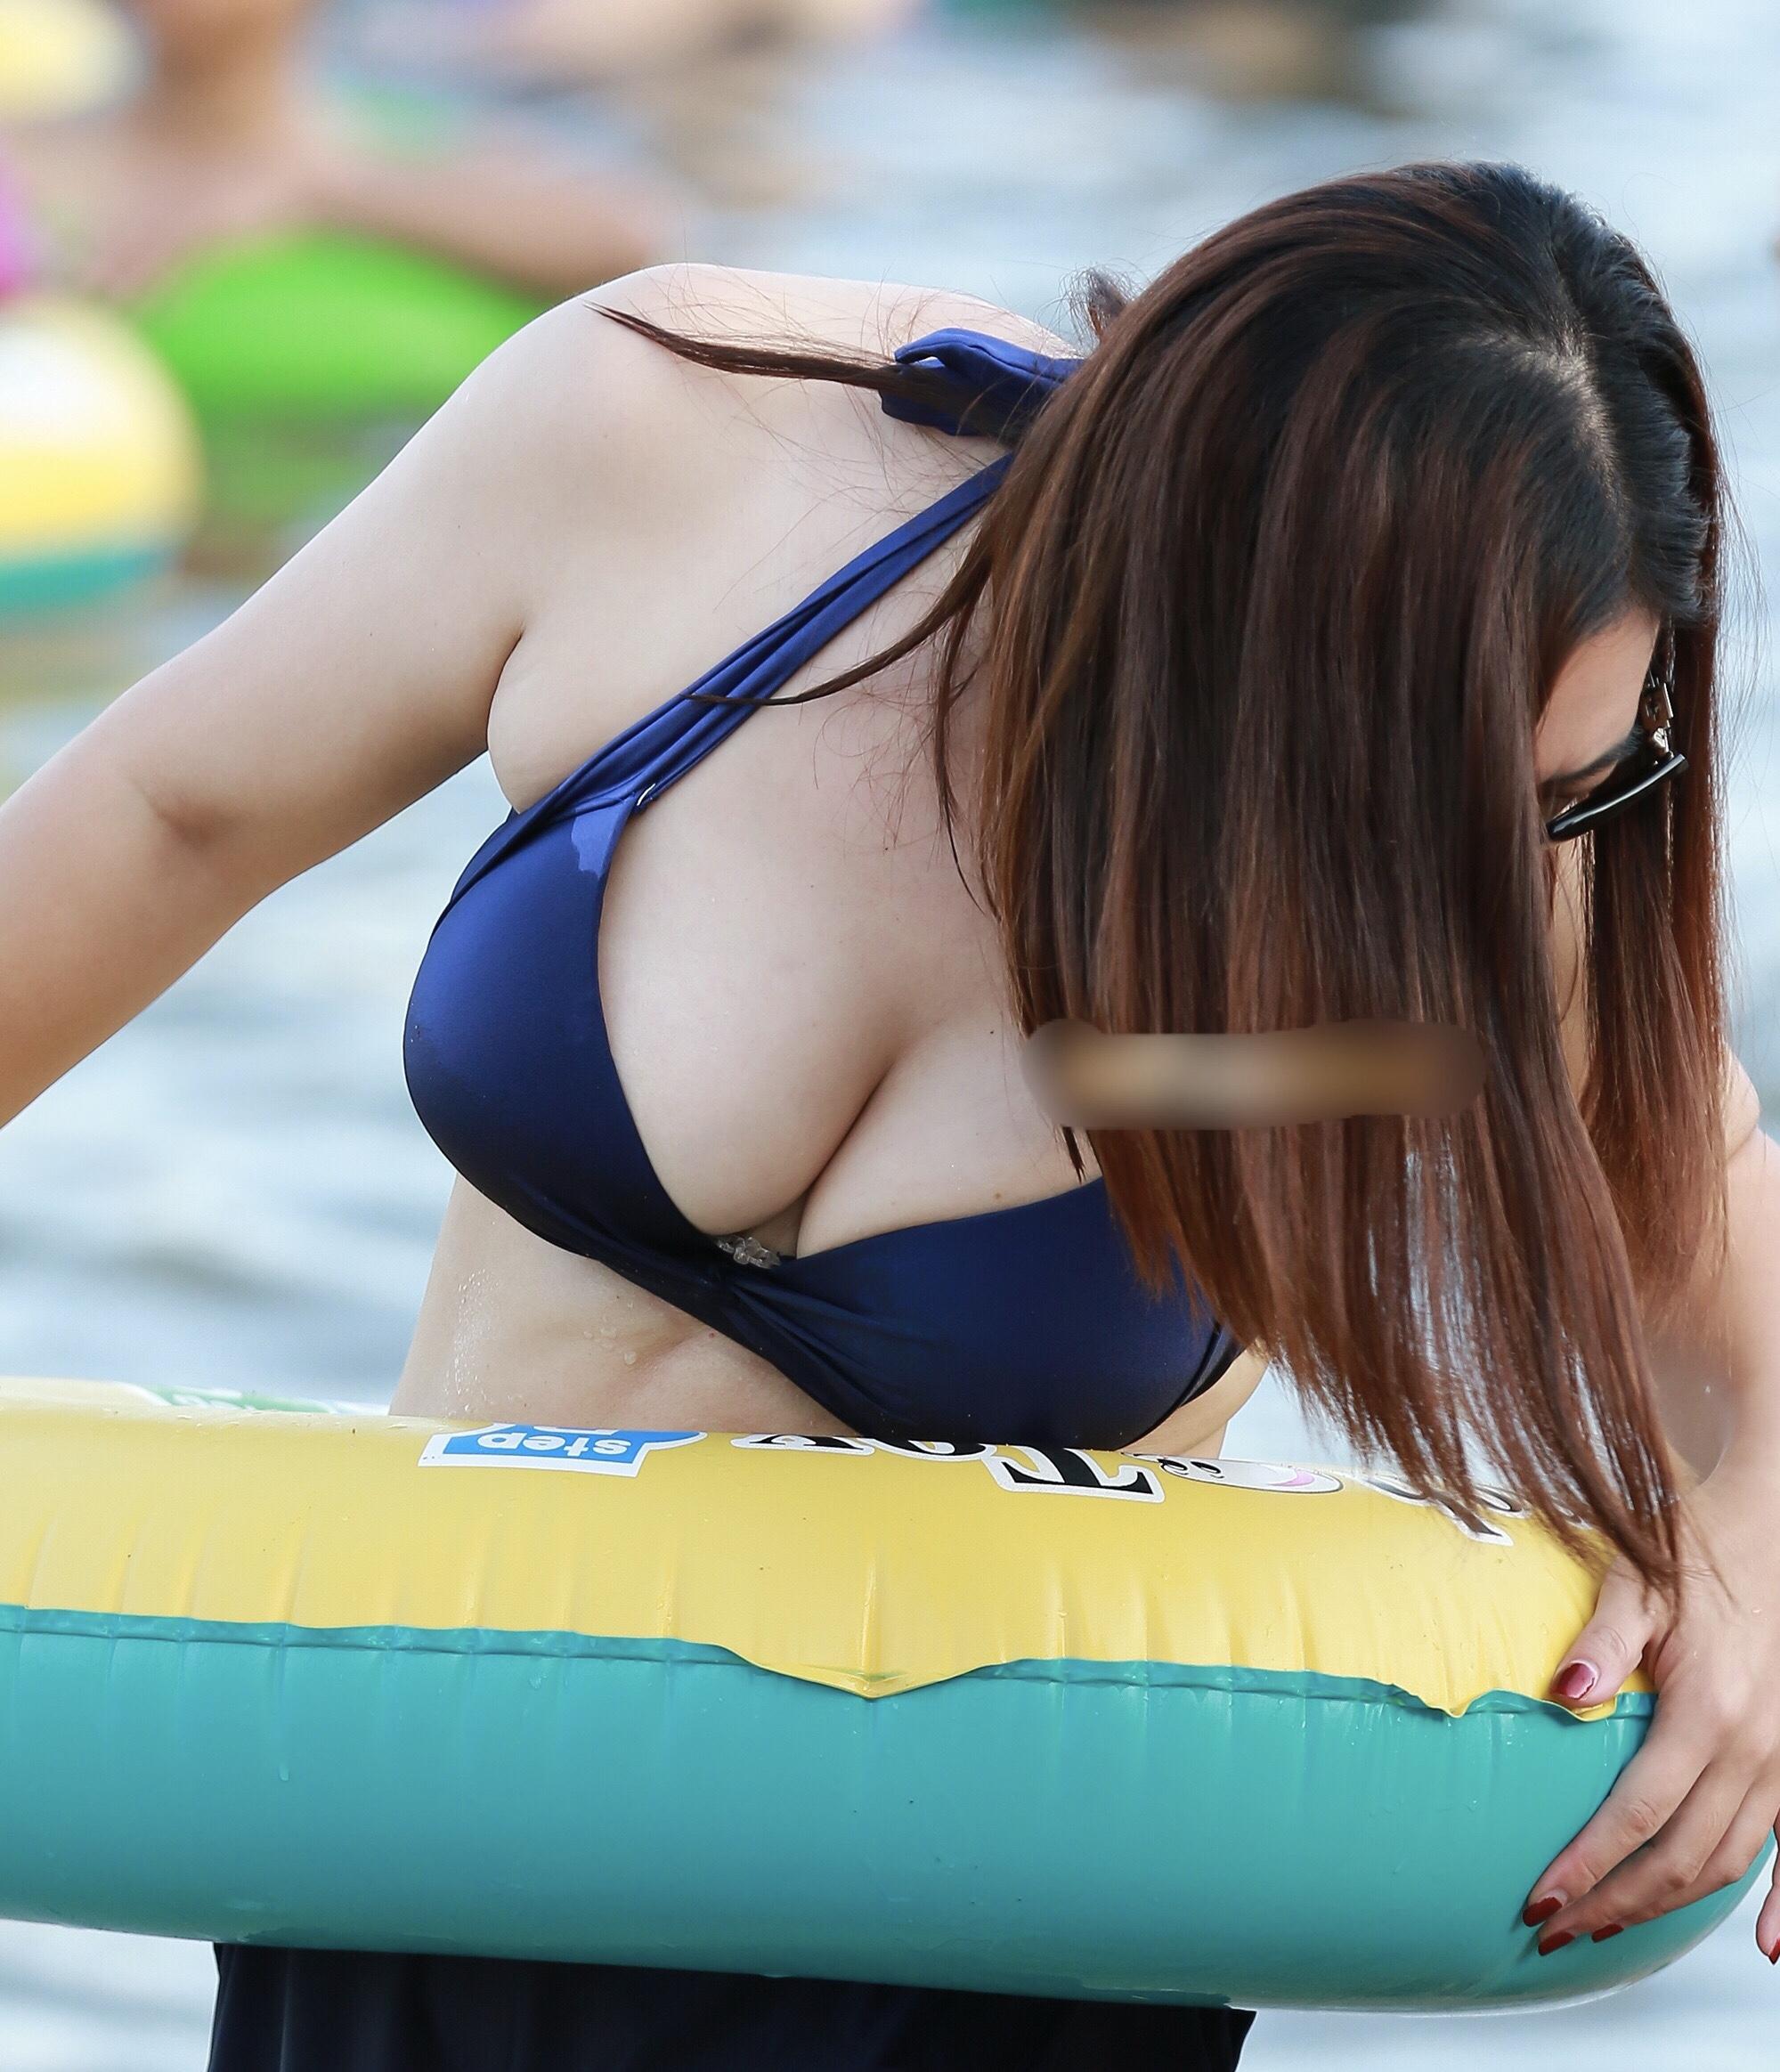 【水着エロ画像】発育よろしすぎること…たわわな乳のビキニギャル大集合!(;゚Д゚)